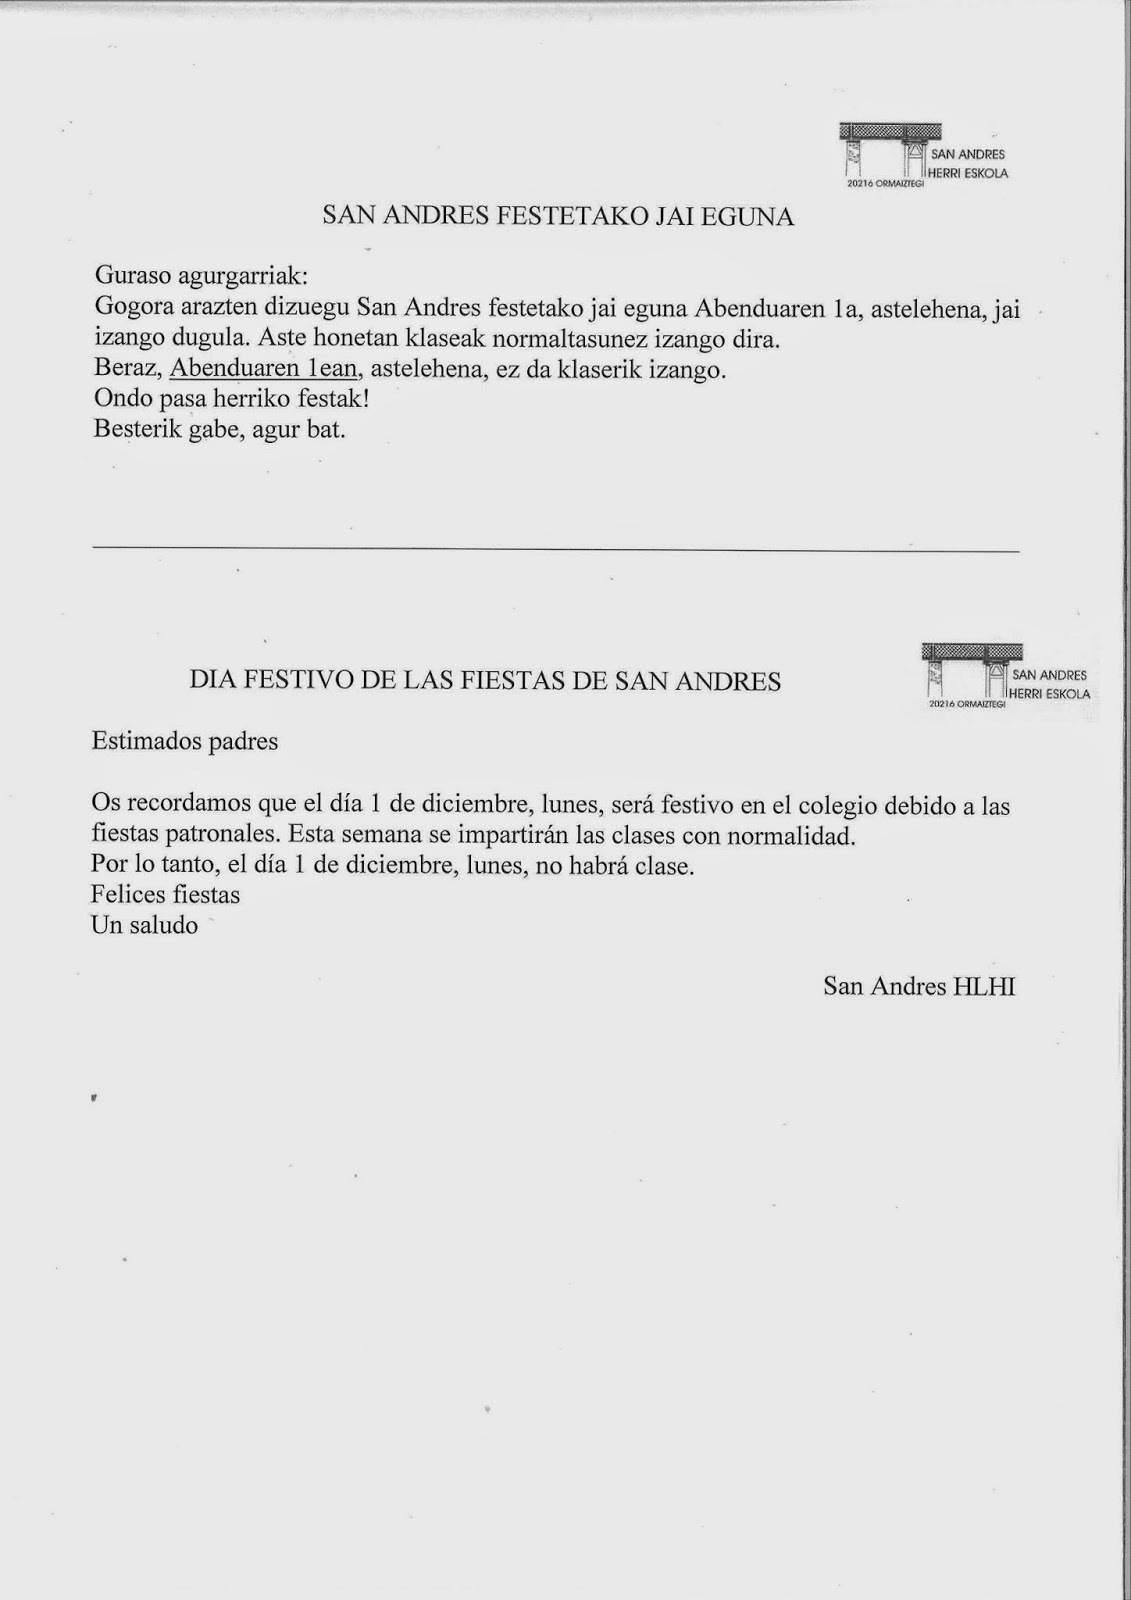 SAN ANDRES FESTETAKO JAI EGUNA / DIA FESTIVO DE LAS FIESTAS PATRONALES